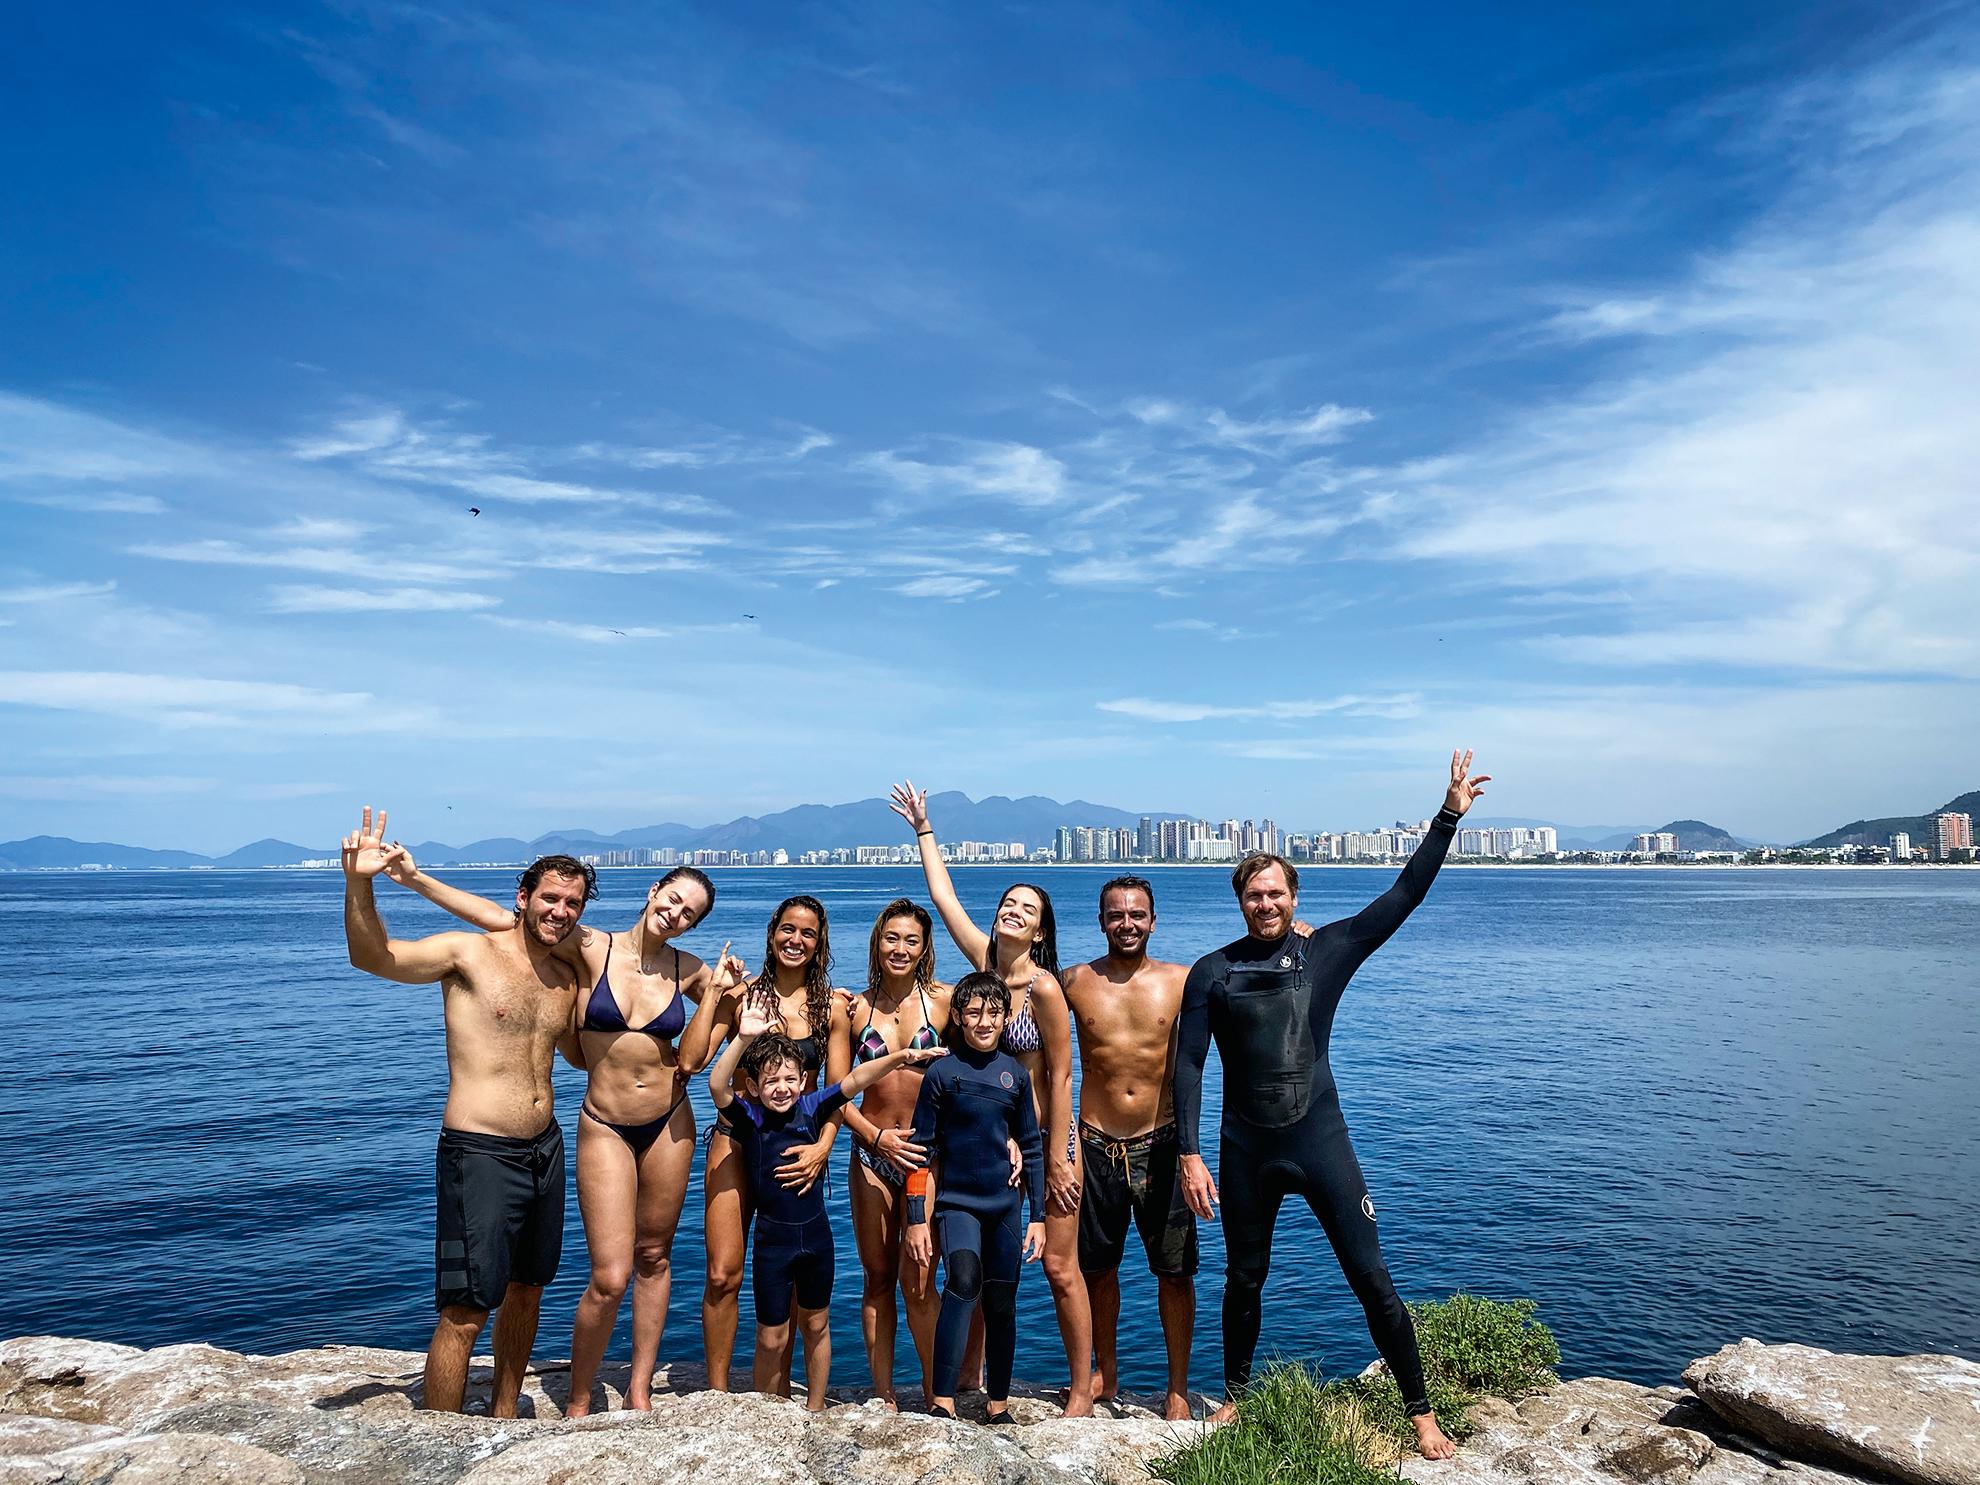 A imagem mostra um grupo de pessoas com traje de banho e roupa de mergulho acenando para a câmera à beira da Baía de Guanabara